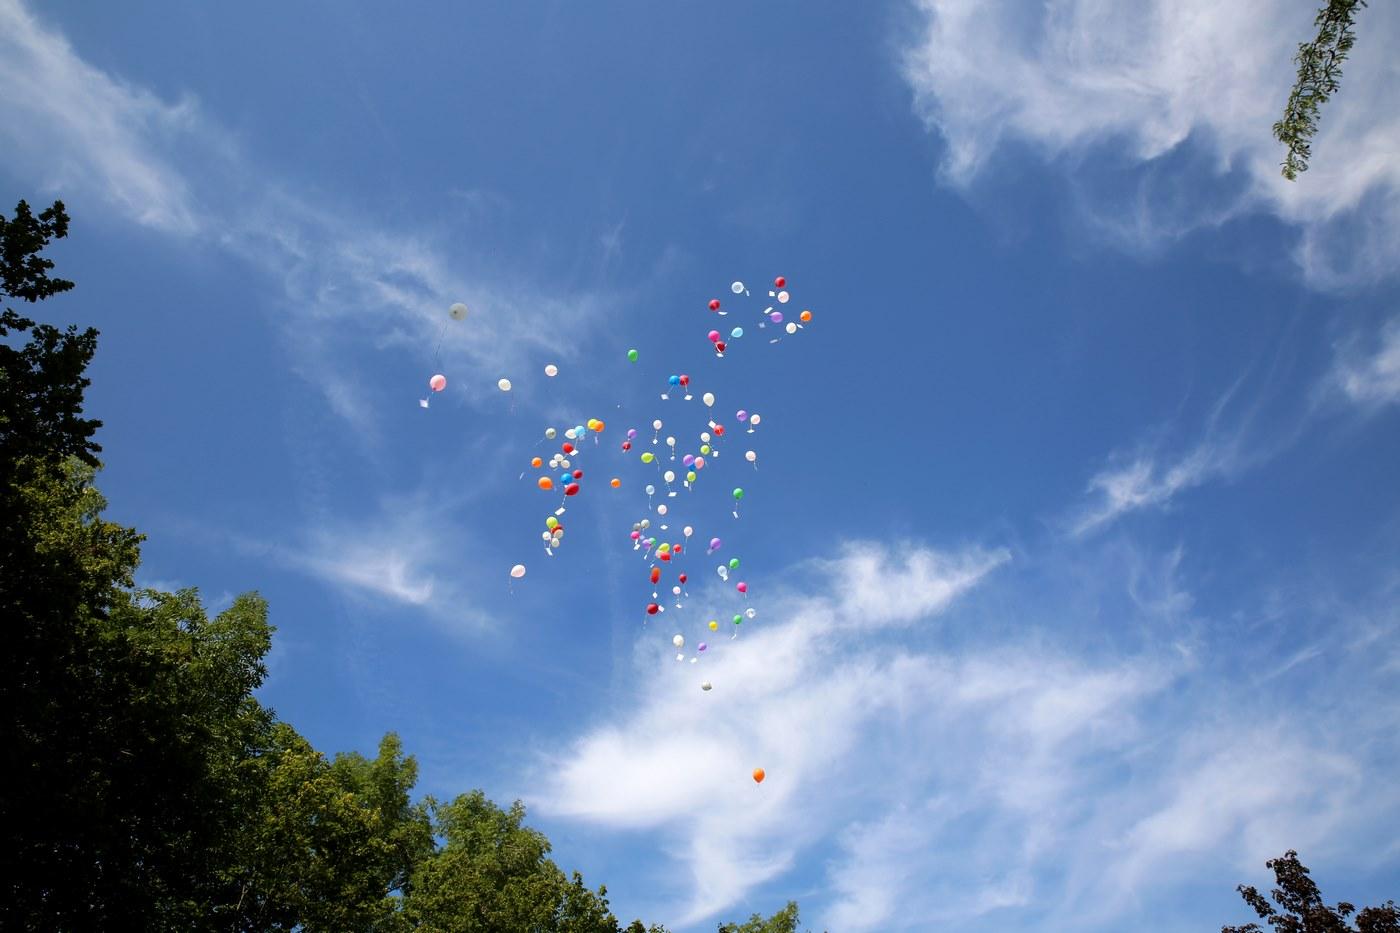 Ballons aus der Ferne